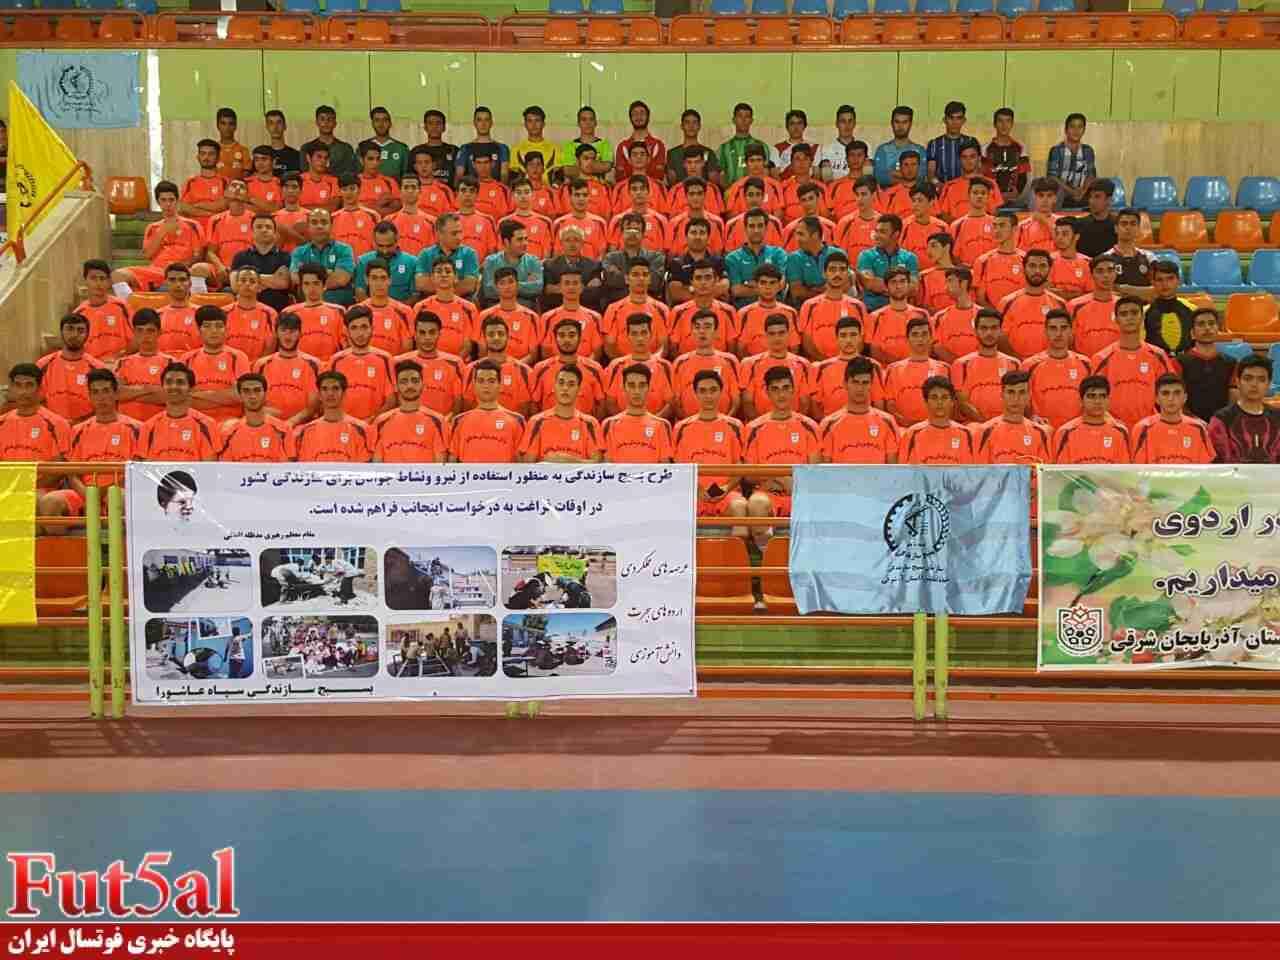 اعلام اسامی نفرات دعوت شده به اردوی انتخابی تیم المپیاد ورزشی فوتسال